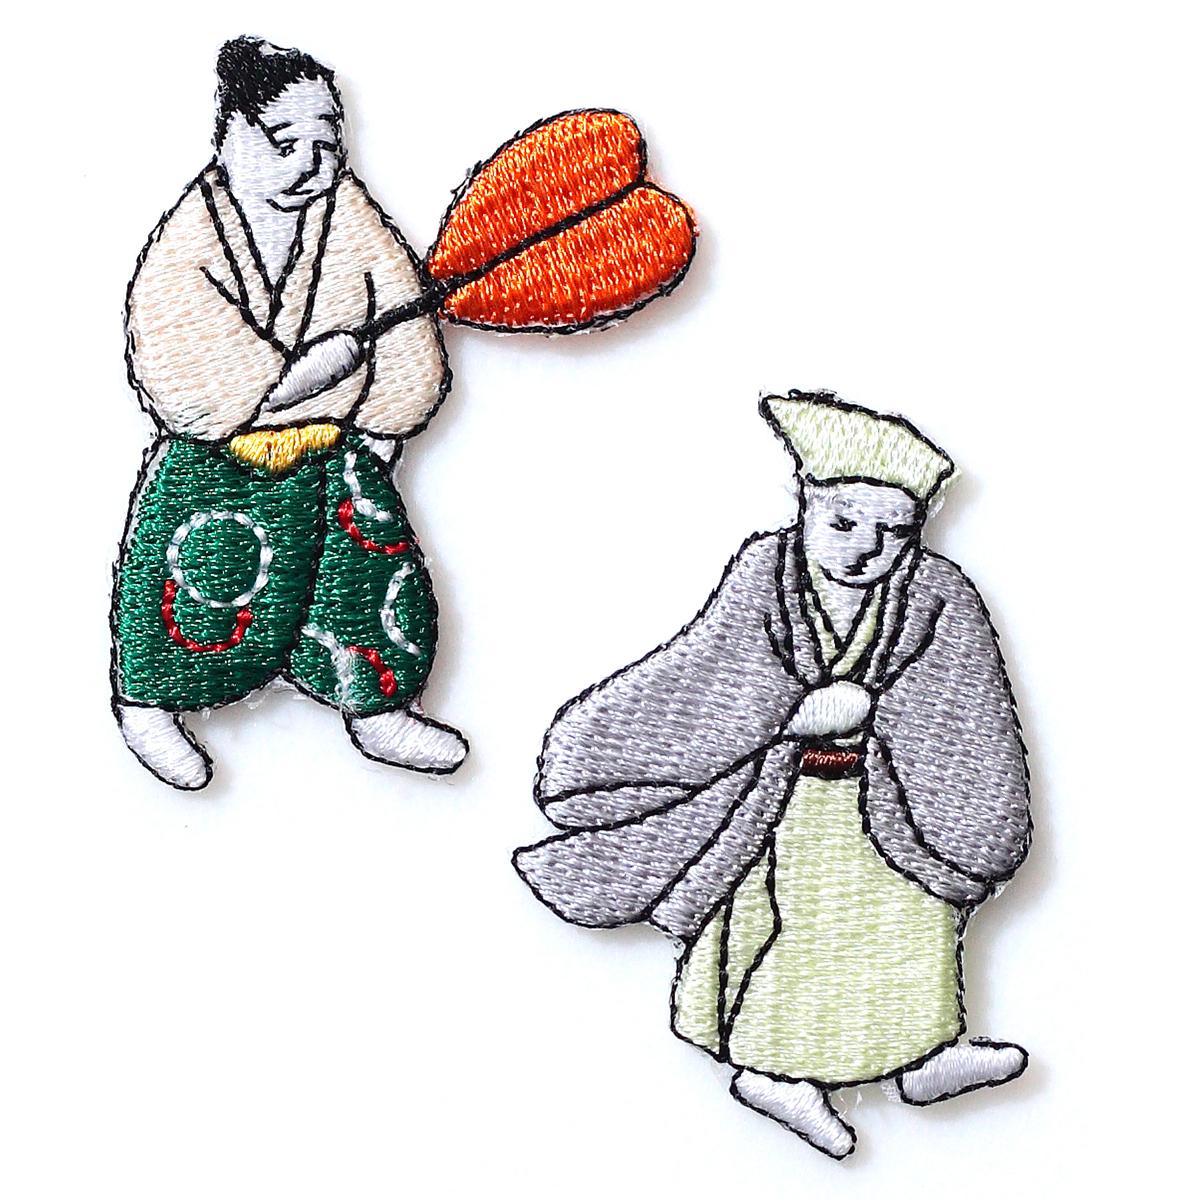 KYWS-054/ワッペン/ご隠居とお供/【ゆうパケット可】